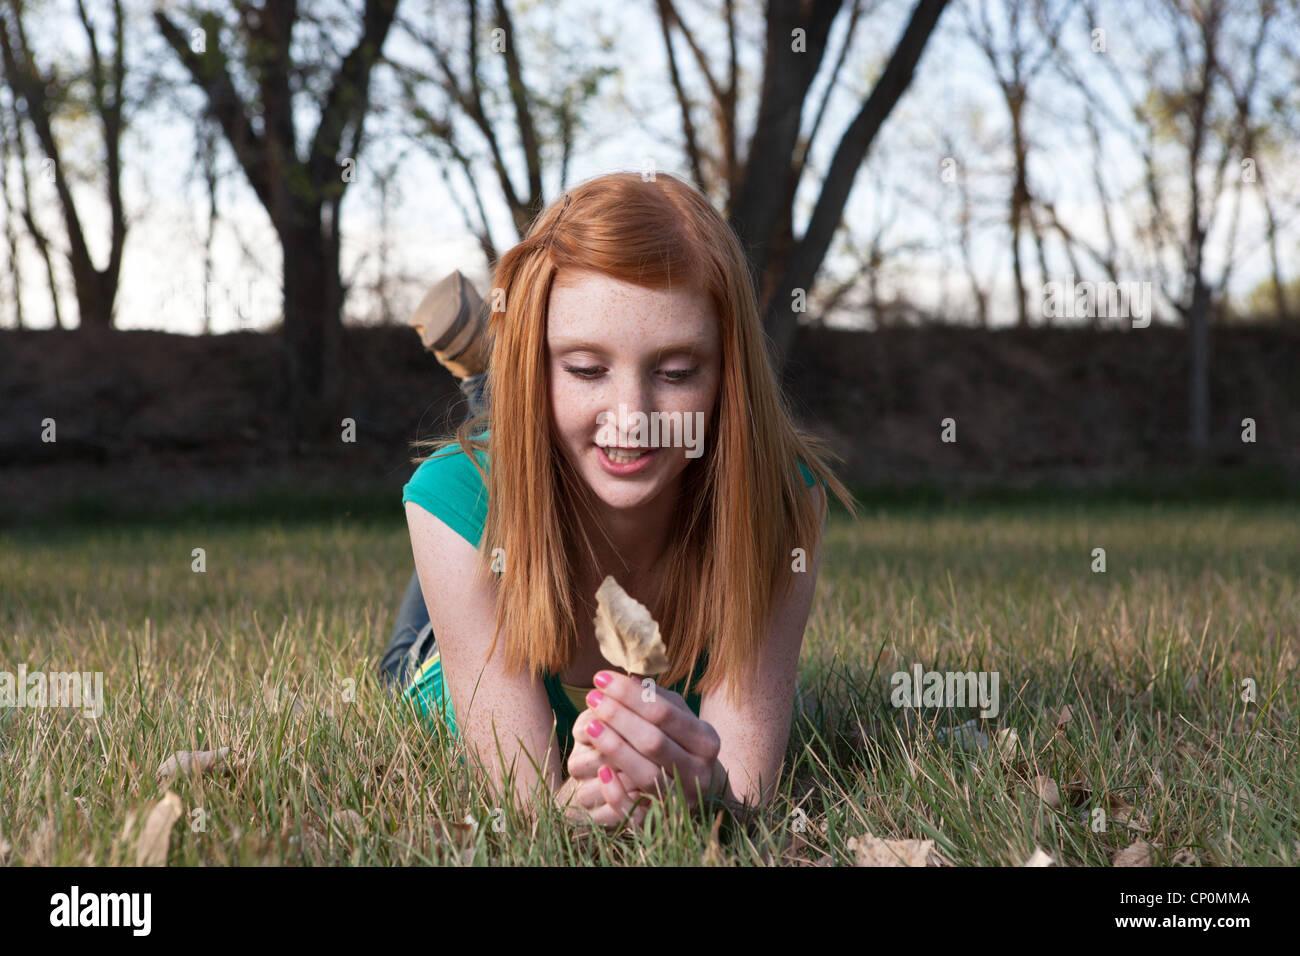 Bonita chica de quince años con el pelo rojo la celebración de hoja en un campo Imagen De Stock